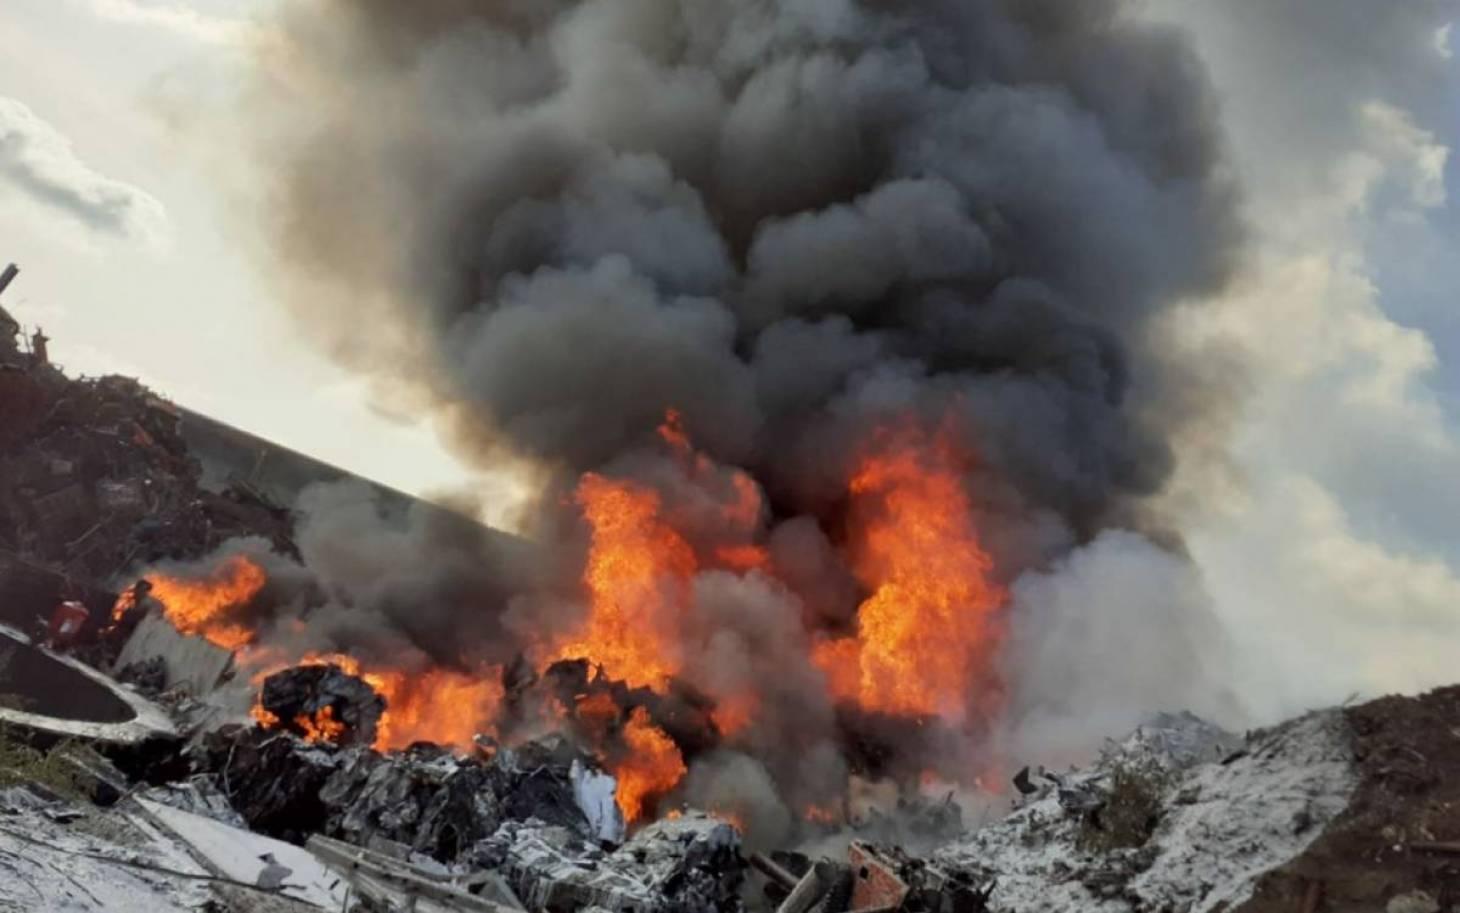 Bonneuil-Matours – D'importants moyens engagés pour un feu industriel